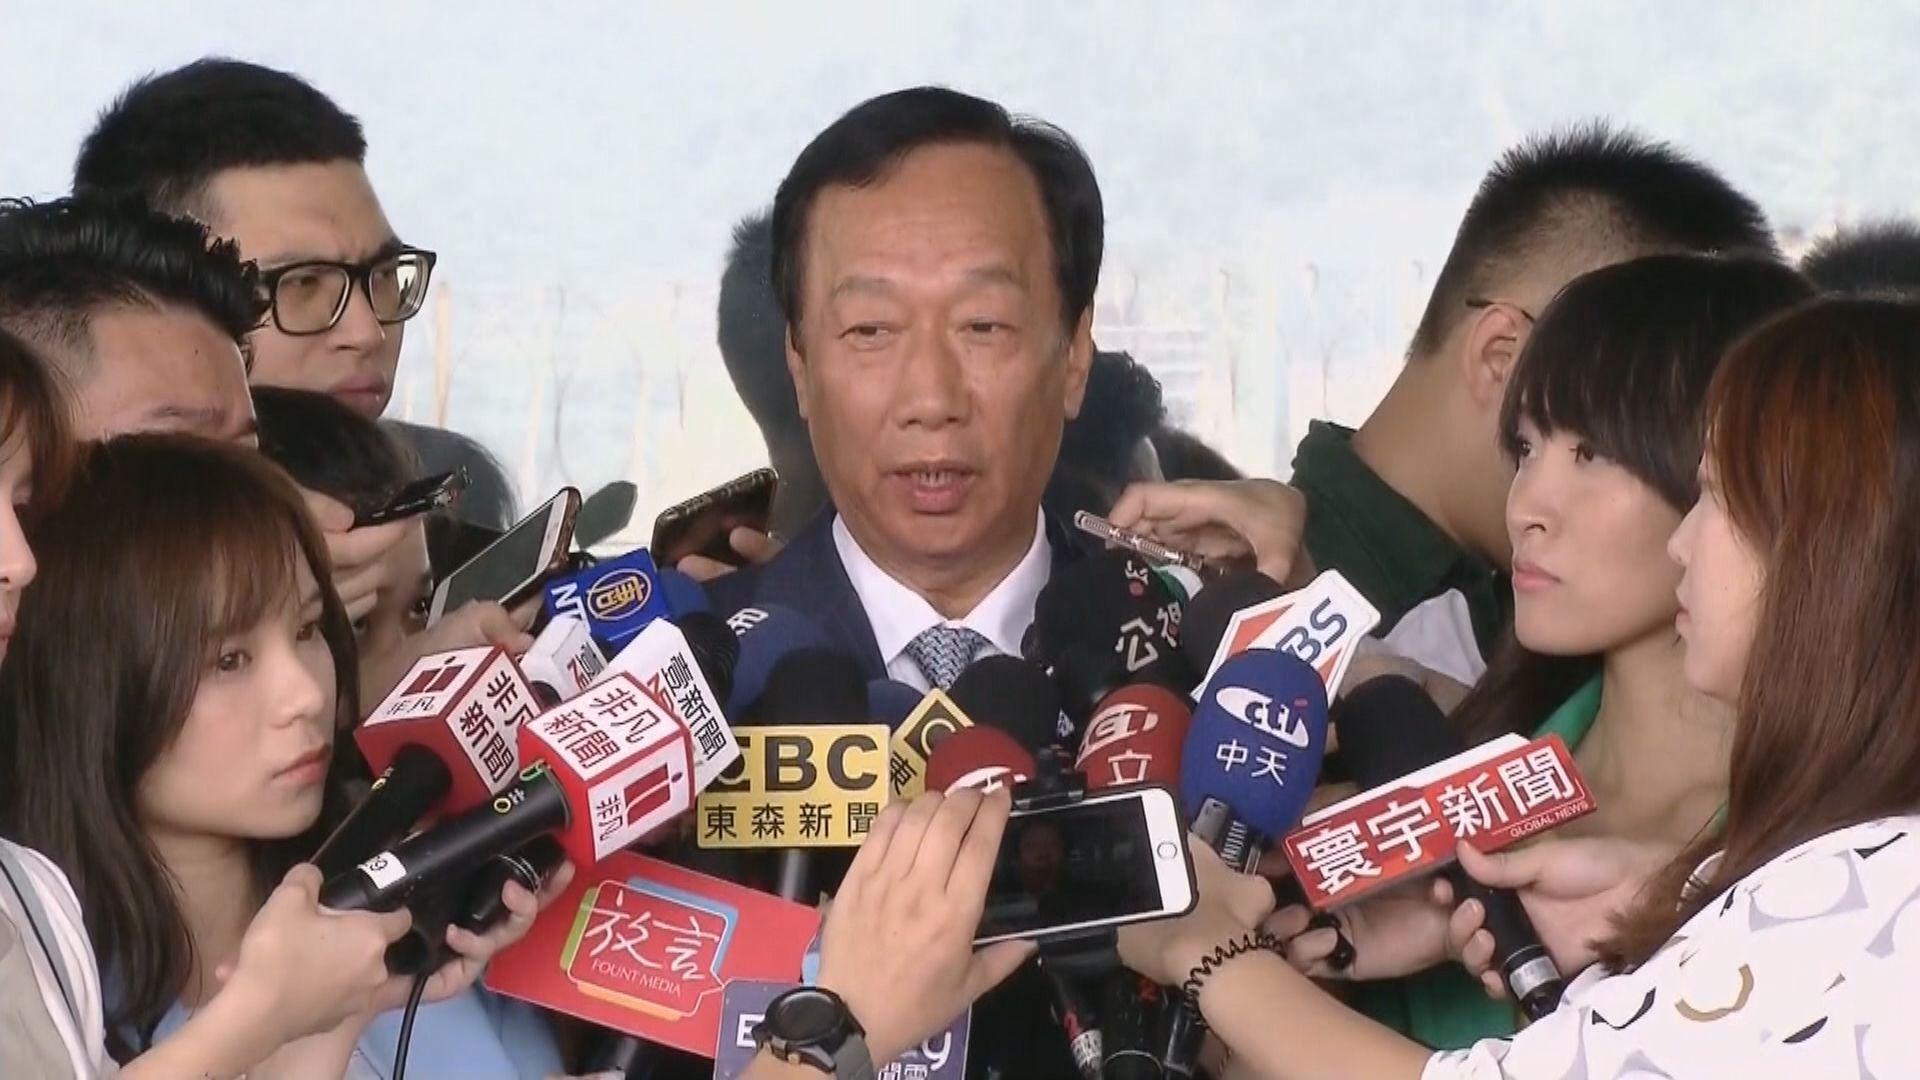 郭台銘或以獨立身分參加明年大選